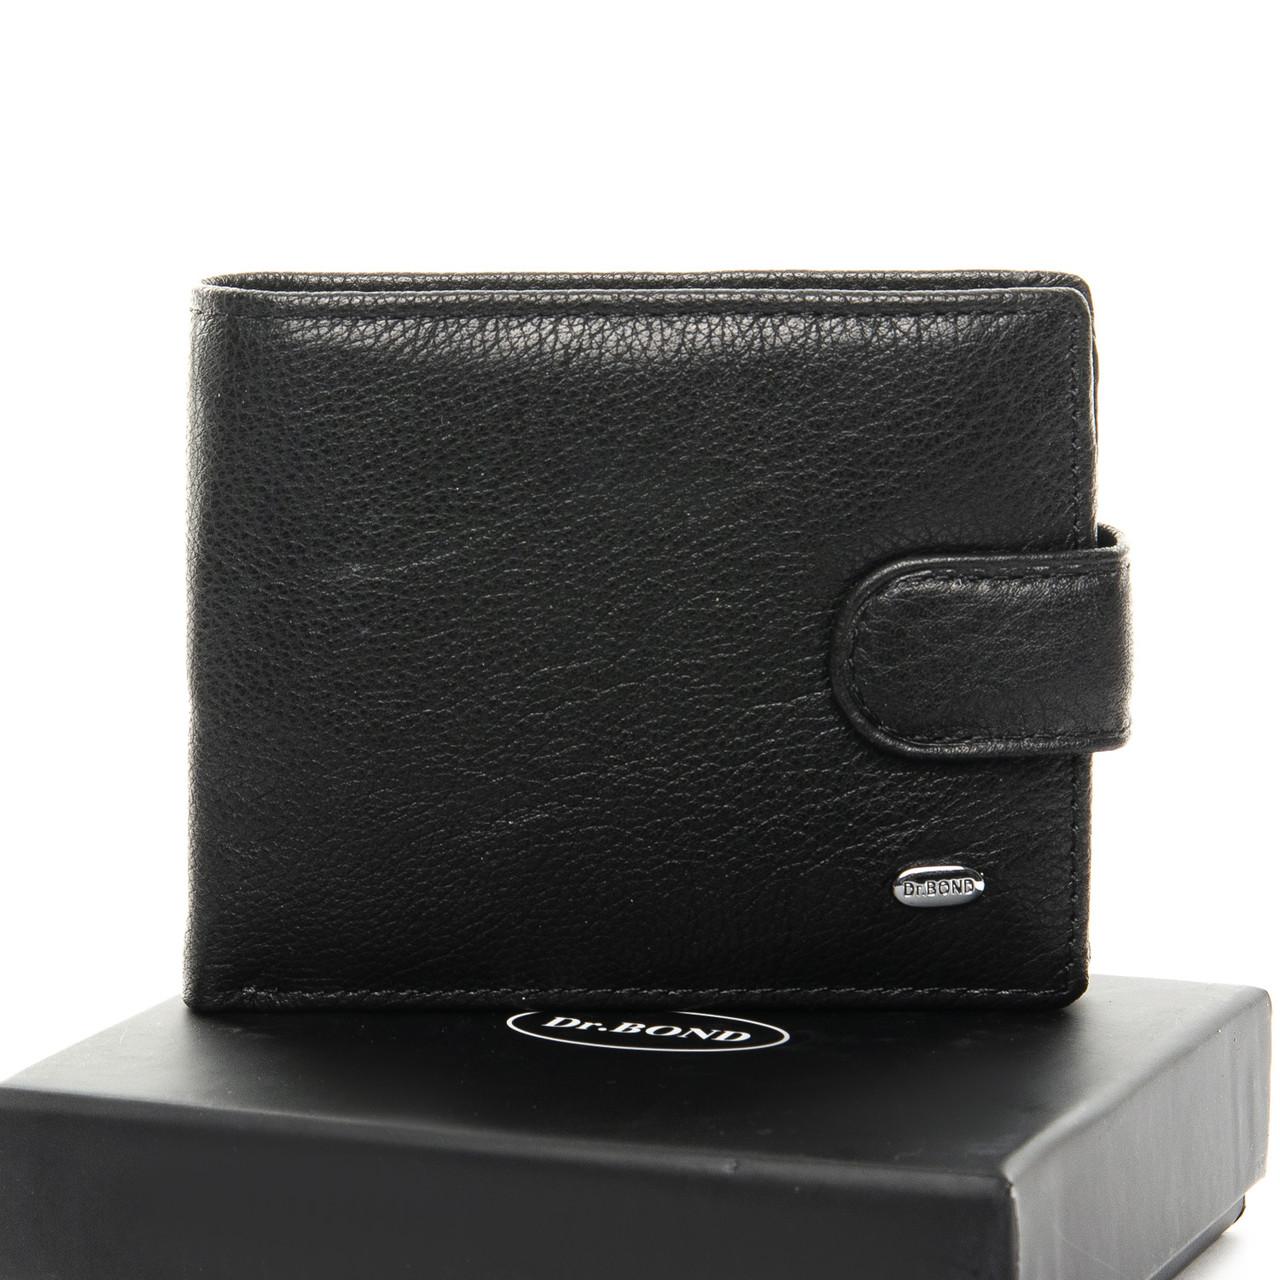 Кожаный мужской кошелек Dr. BOND M14 black